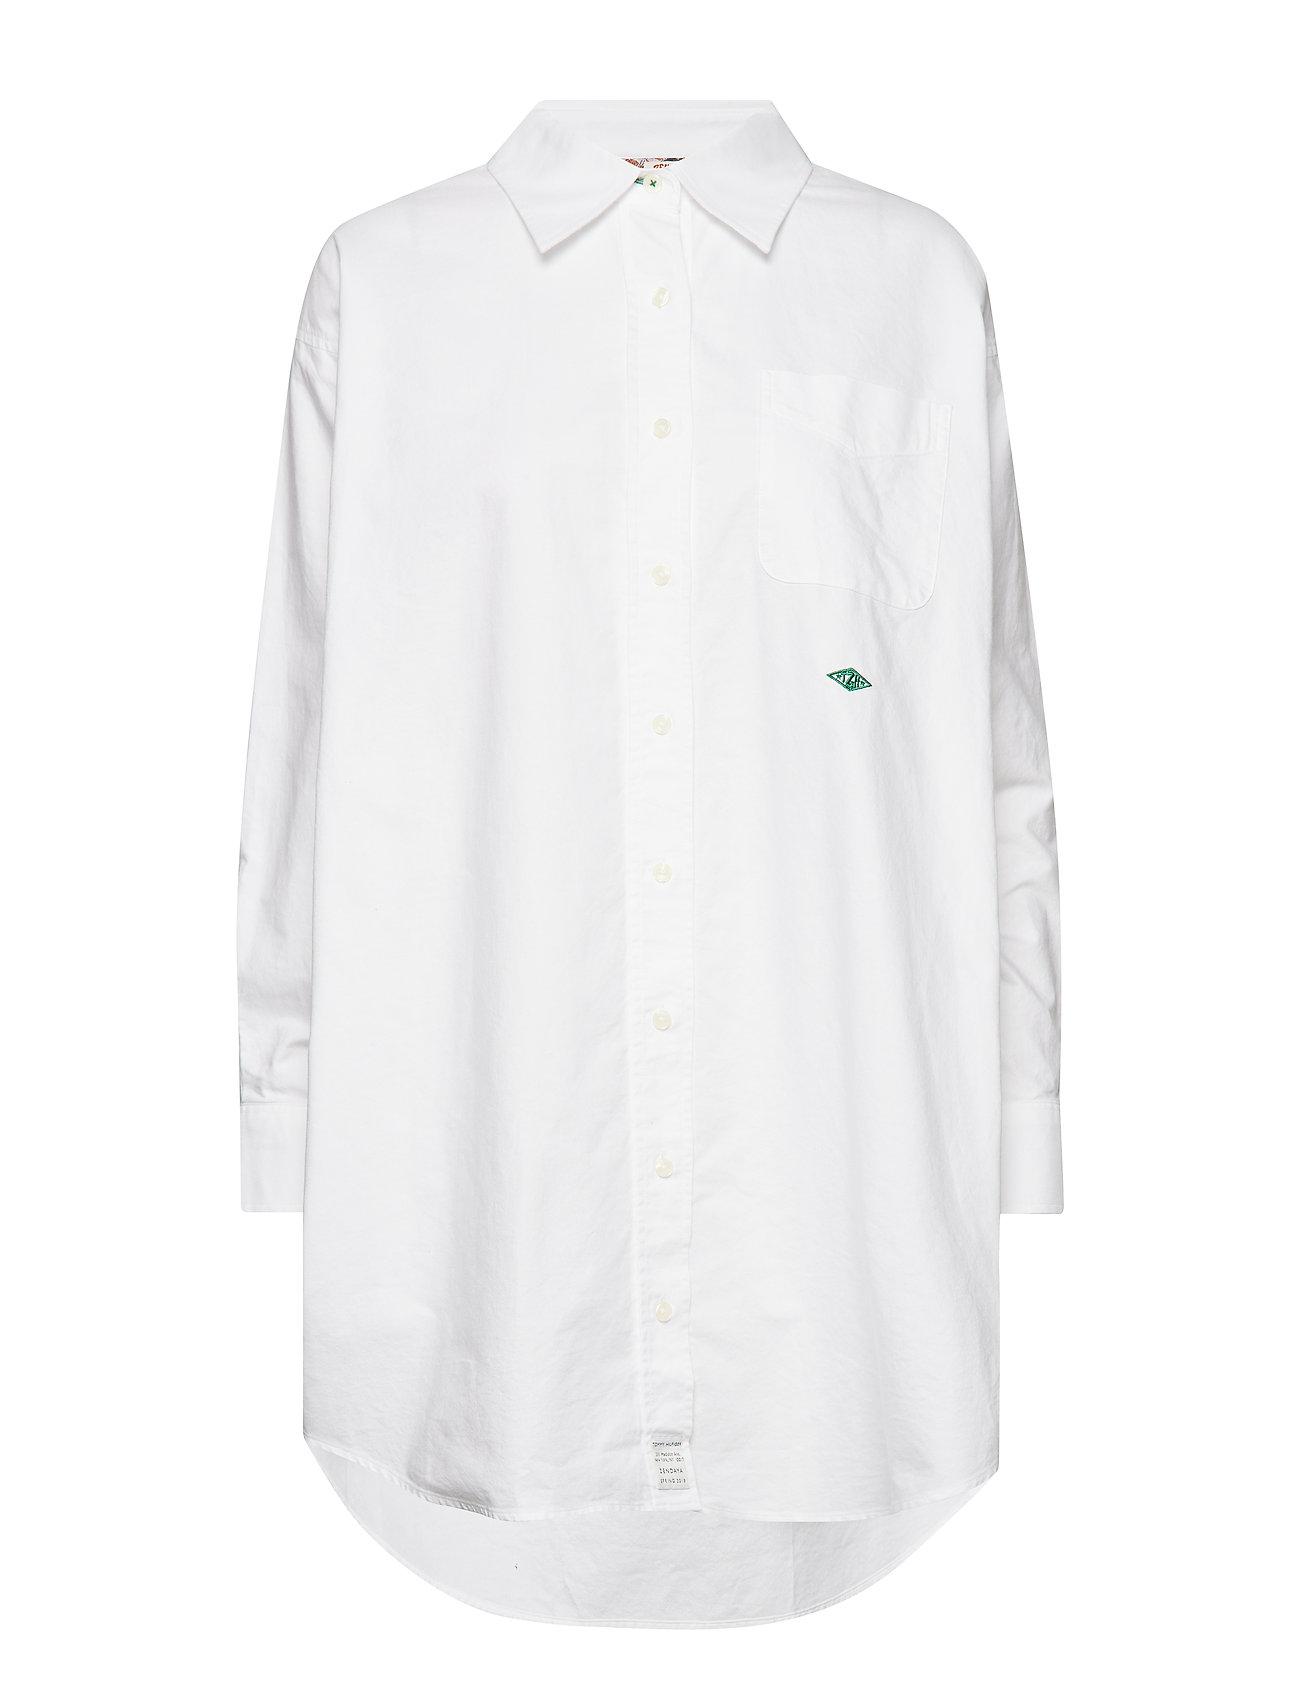 Tommy Hilfiger ZENDAYA ORIGINAL SHIRT - CLASSIC WHITE